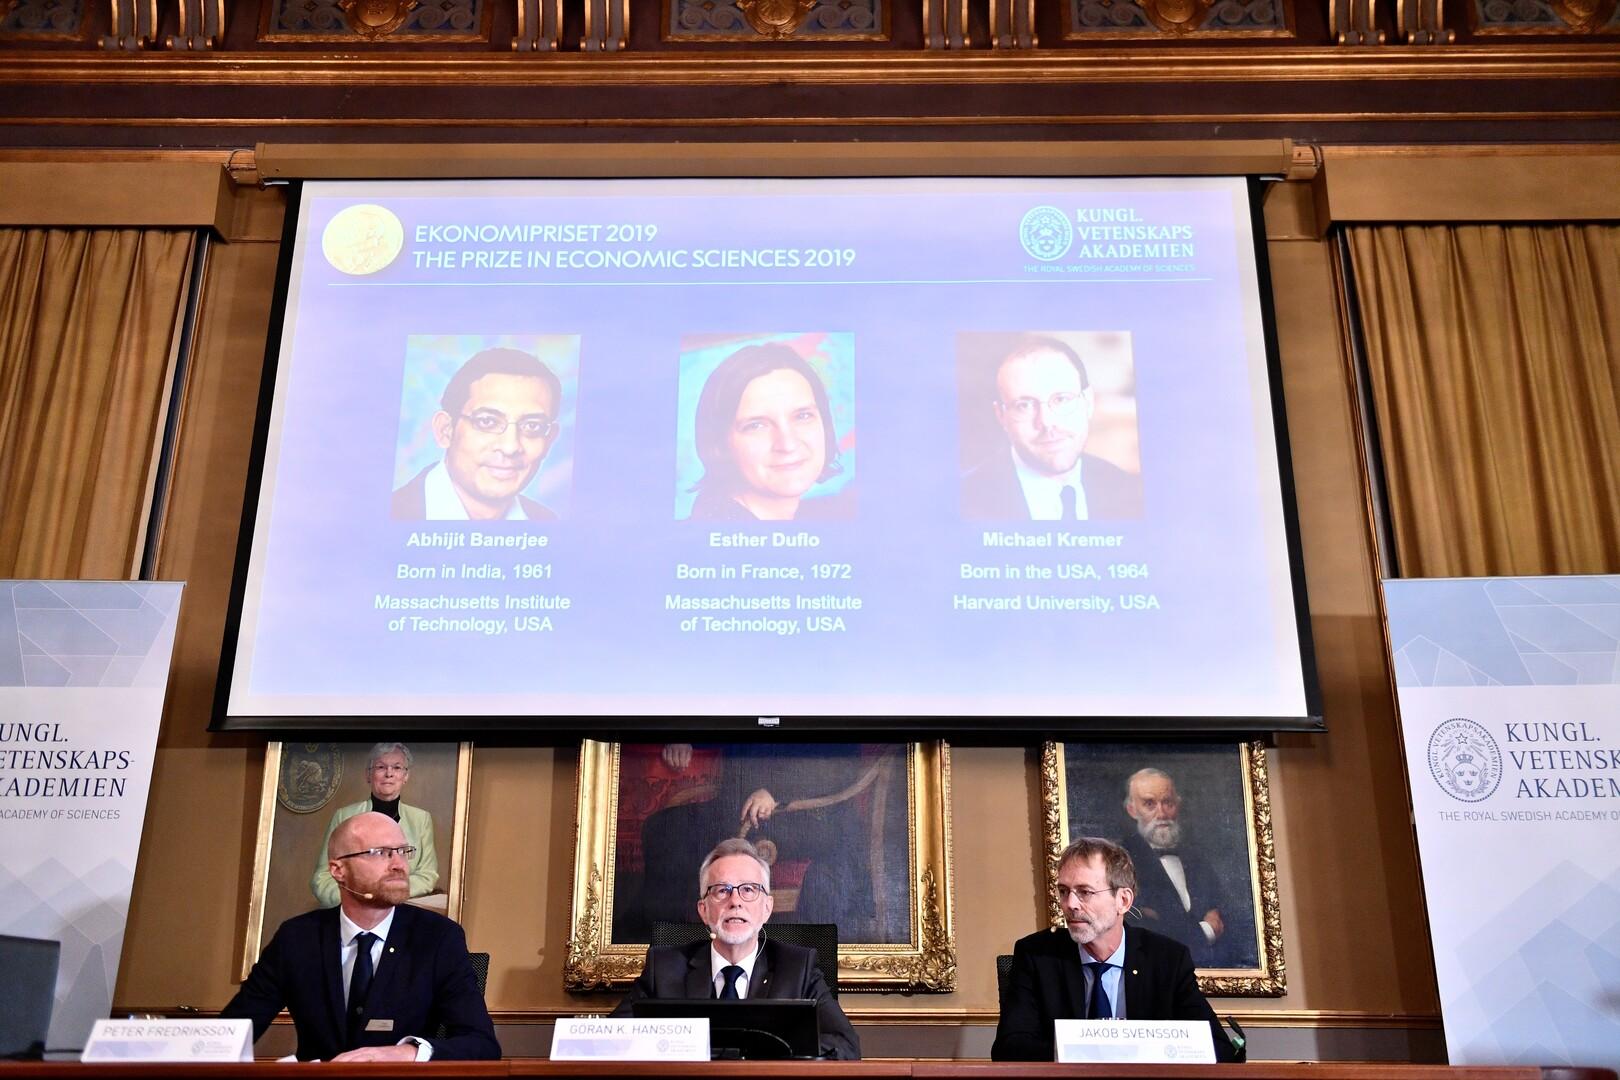 نوبل للاقتصاد من نصيب 3 باحثين من الولايات المتحدة